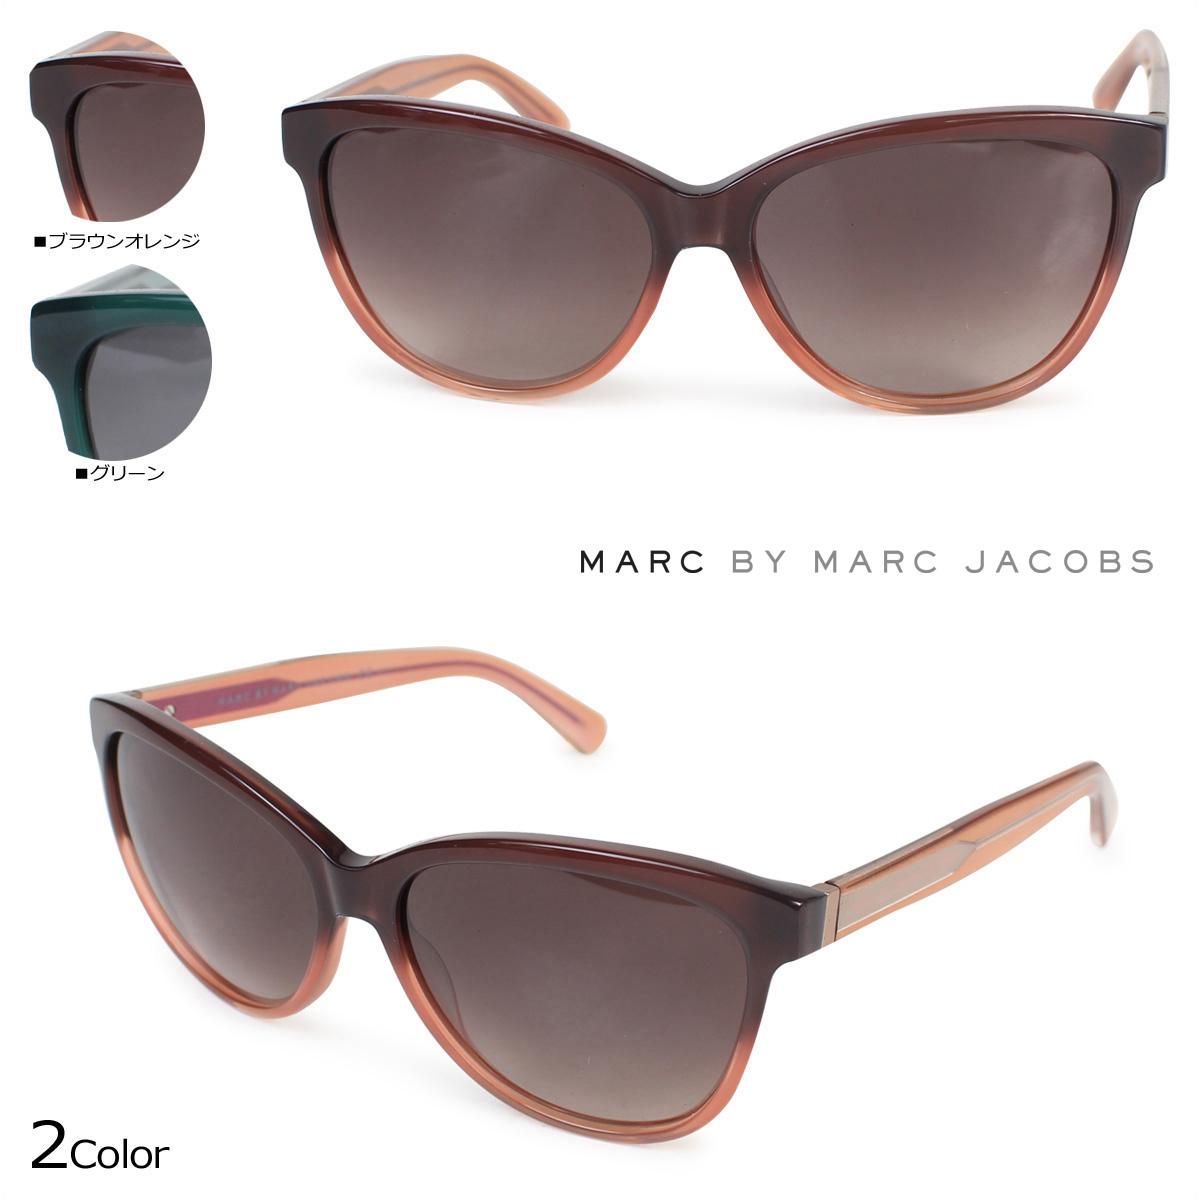 MARC BY MARC JACOBS マークバイマークジェイコブス サングラス レディース UVカット MMJ411/S ブラウンオレンジ グリーン